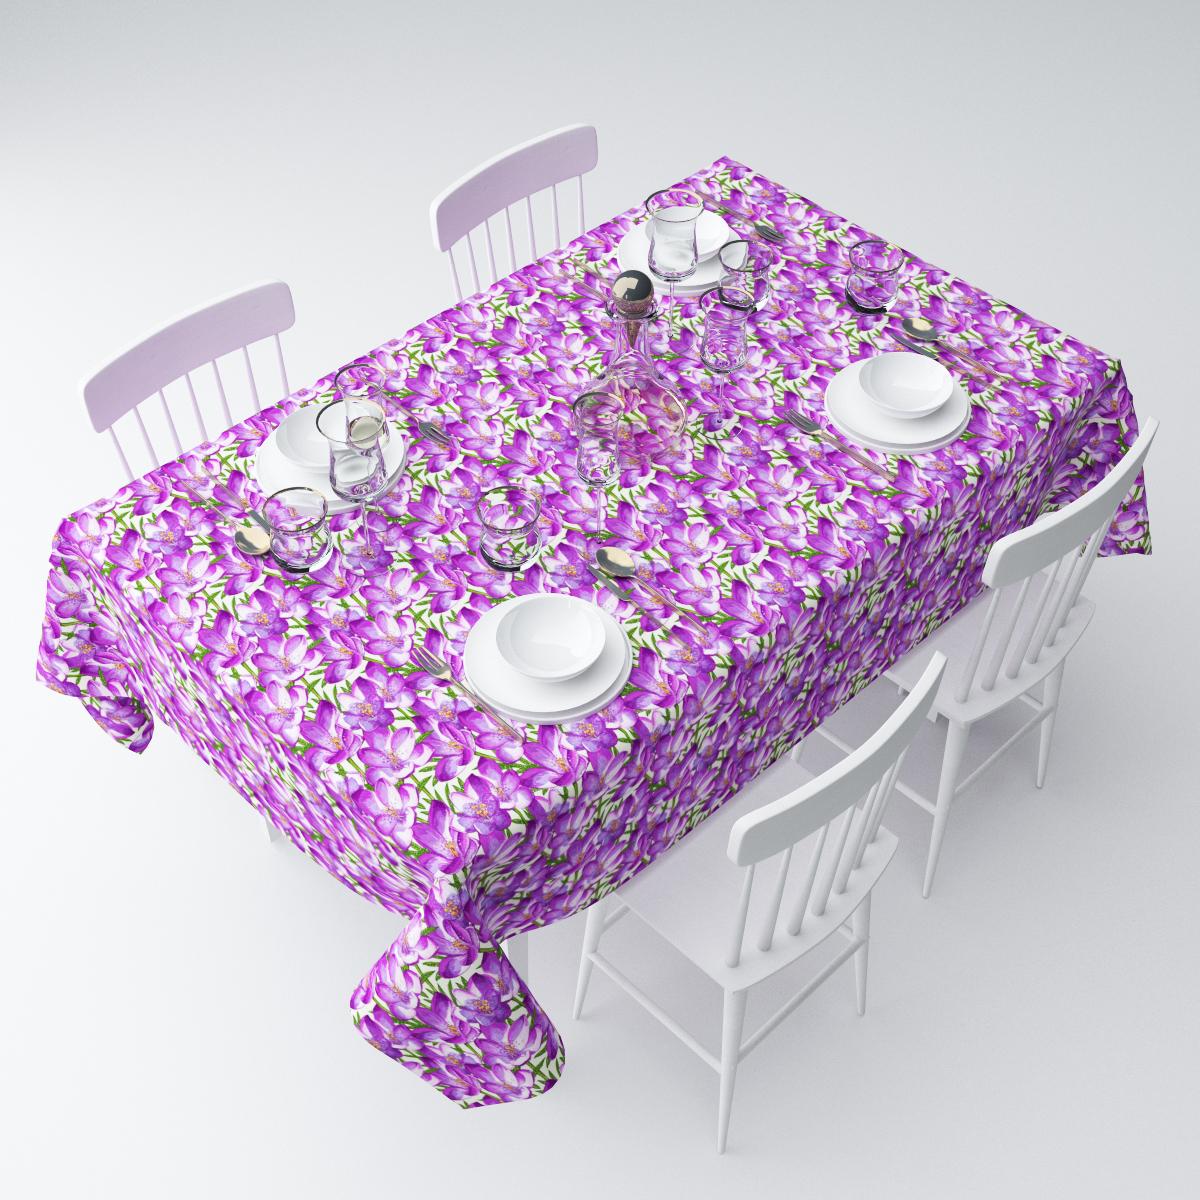 Скатерть Сирень Фиолетовый шафран, прямоугольная, 145 х 220 смСКГБ004-01802Прямоугольная скатерть Сирень Фиолетовый шафран, выполненная из габардина с ярким рисунком, преобразит вашу кухню, визуально расширит пространство, создаст атмосферу радости и комфорта. Рекомендации по уходу: стирка при 30 градусах, гладить при температуре до 110 градусов.Размер скатерти: 145 х 220 см. Изображение может немного отличаться от реального.